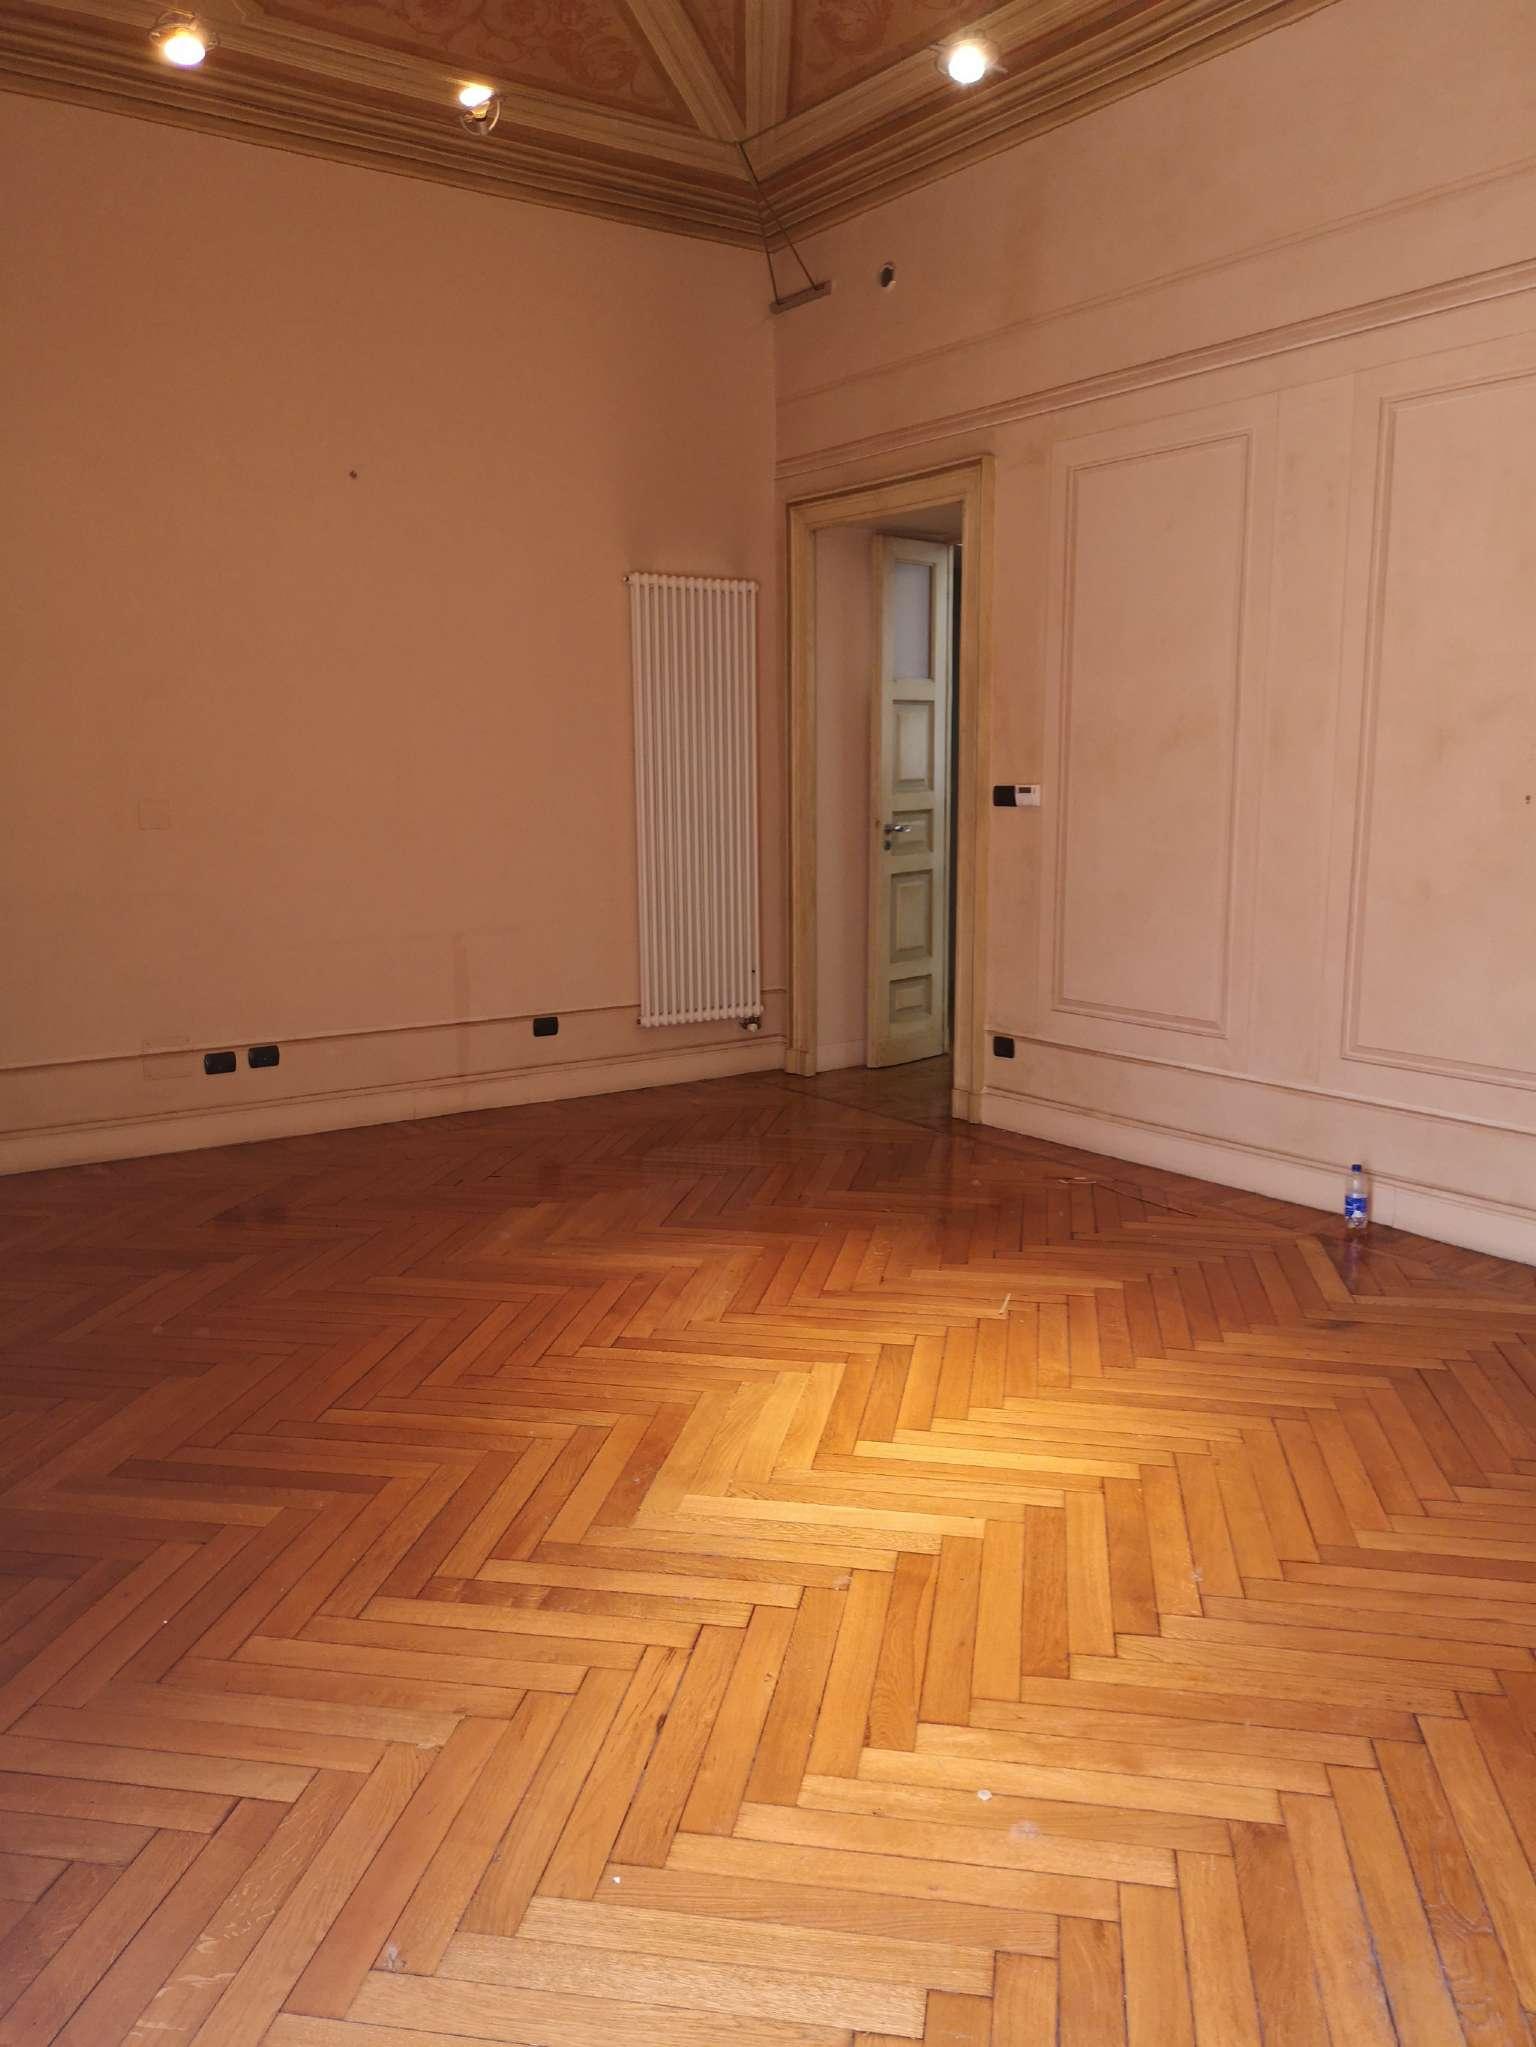 Ufficio / Studio in affitto a Torino, 9999 locali, zona Centro, Quadrilatero Romano, Repubblica, Giardini Reali, prezzo € 4.200   PortaleAgenzieImmobiliari.it